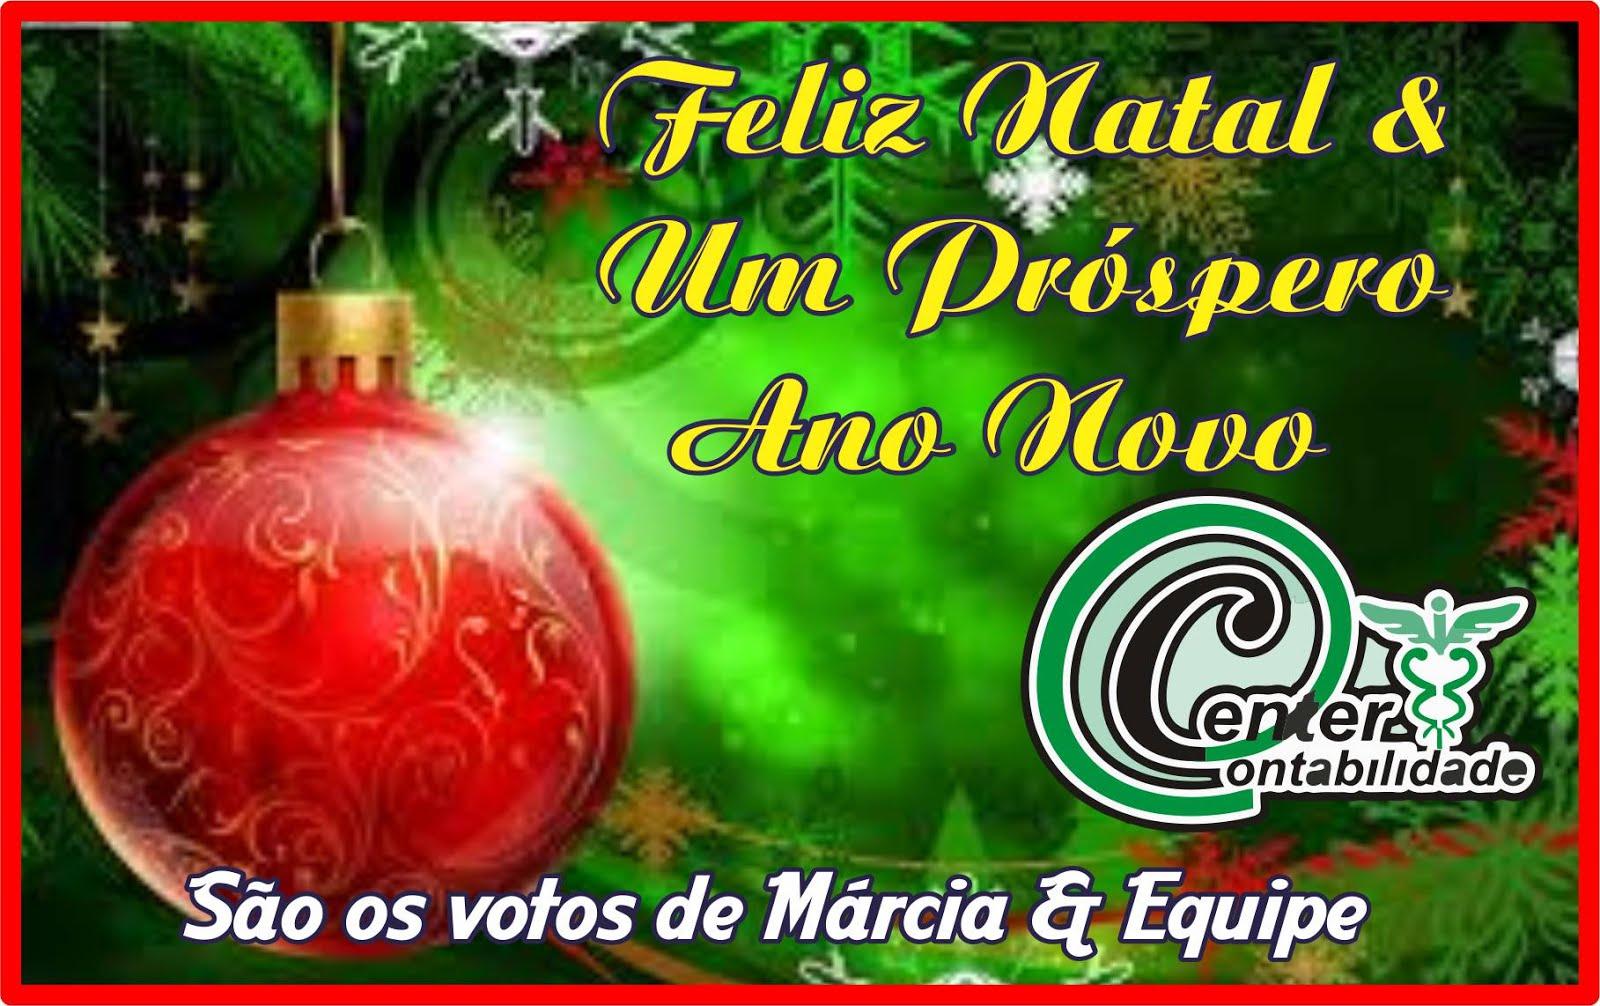 Center Contabilidade Deseja-lhes Um Feliz Natal e Próspero Ano Novo